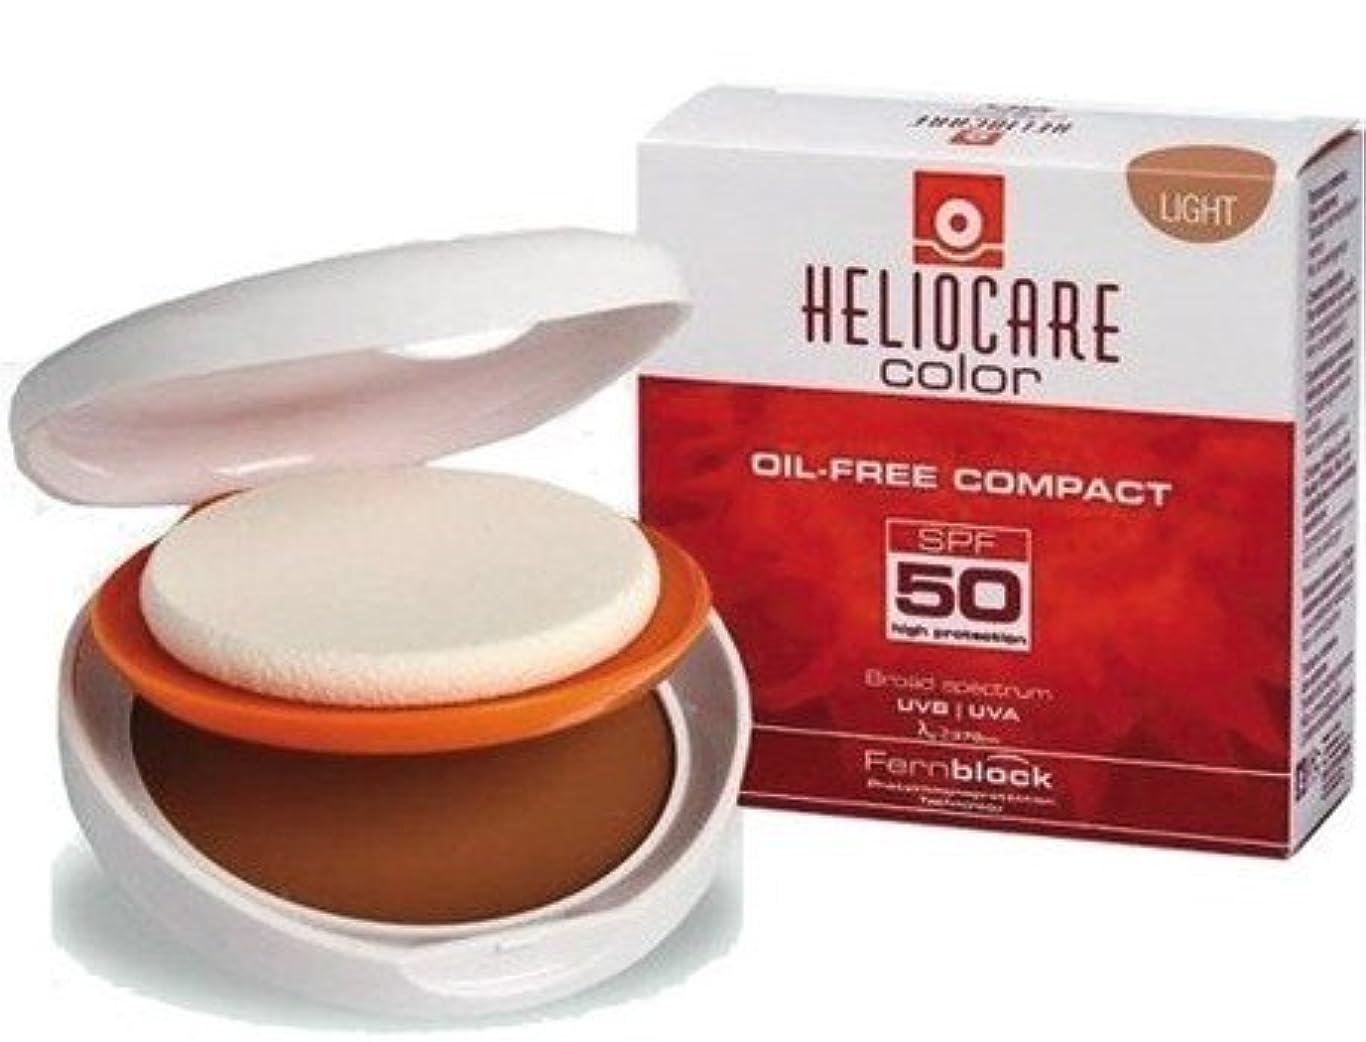 マイクロプロセッサ偽造パラメータヘリオケア カラーオイル フリーコンパクト SPF50 ライト HELIOCARE COLOR OIL FREE COMPACT SPF50 LIGHT